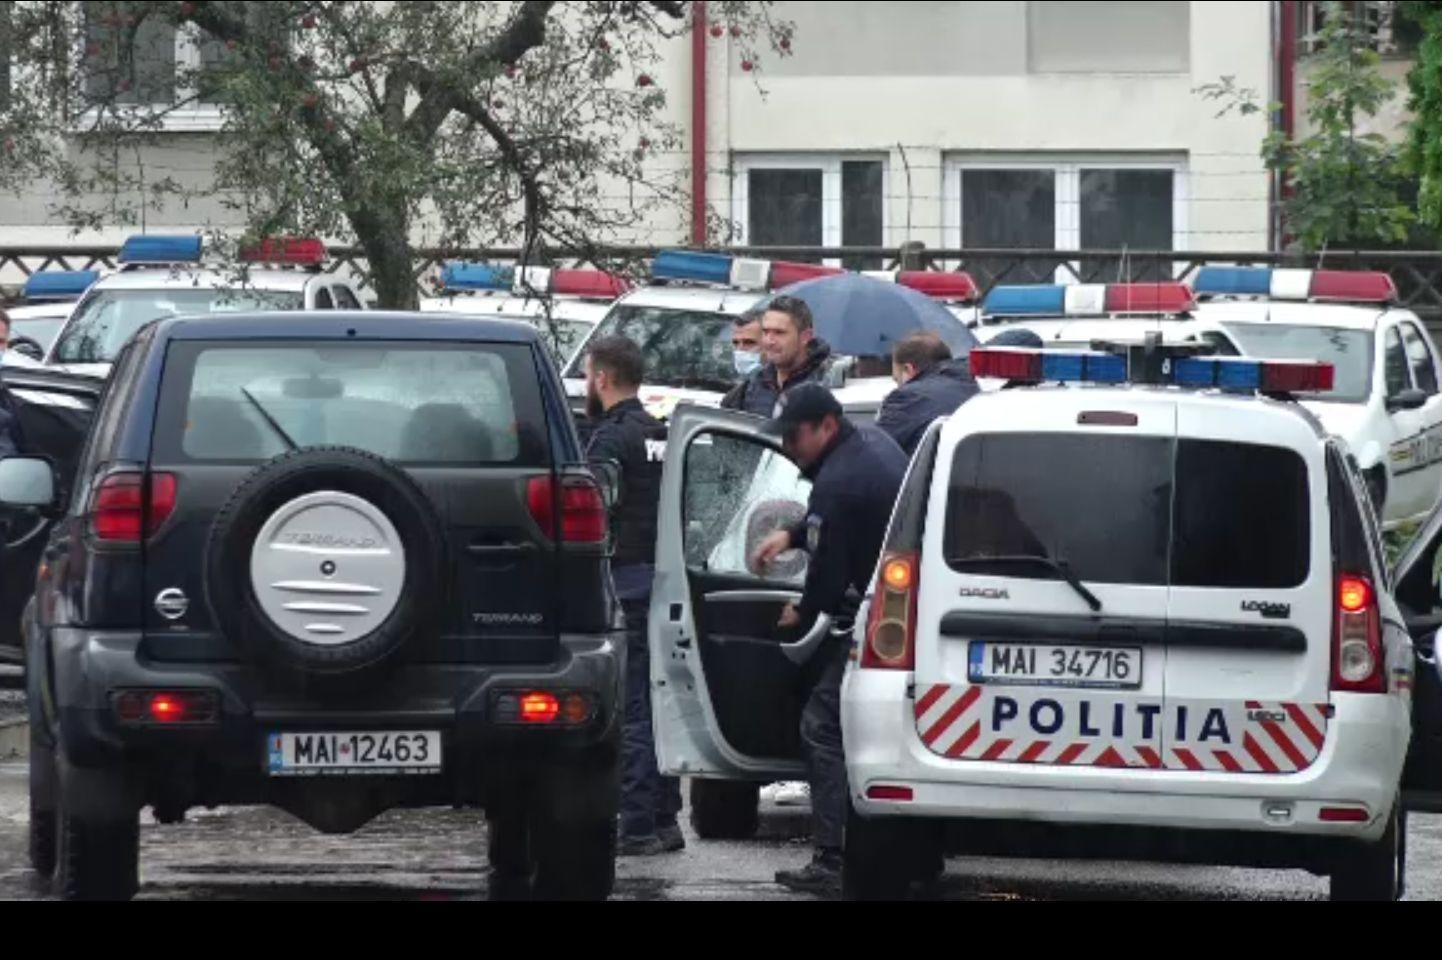 Polițiști cercetați în Baia Mare după evadarea a doi ucraineni din arest